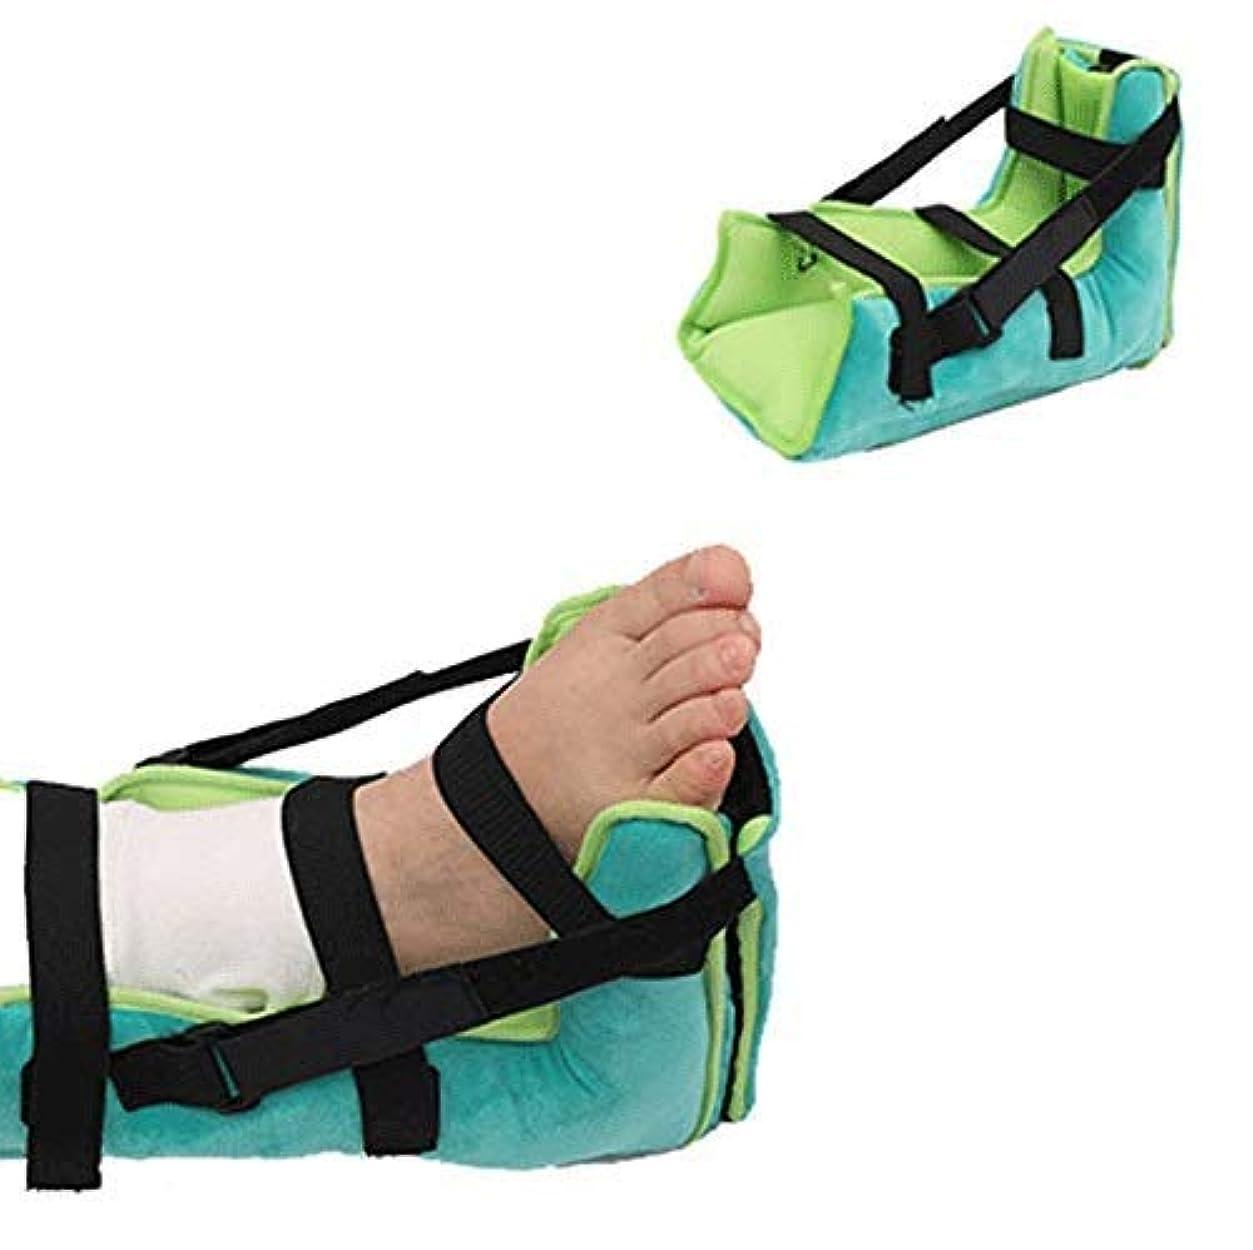 キャッチ広範囲に才能のあるかかとプロテクター枕、足補正カバー、抗、瘡ヒールパッド、効果的なPressure瘡とHe潰瘍の救済 高弾性シルクコットン充填 (Size : 1PCS)